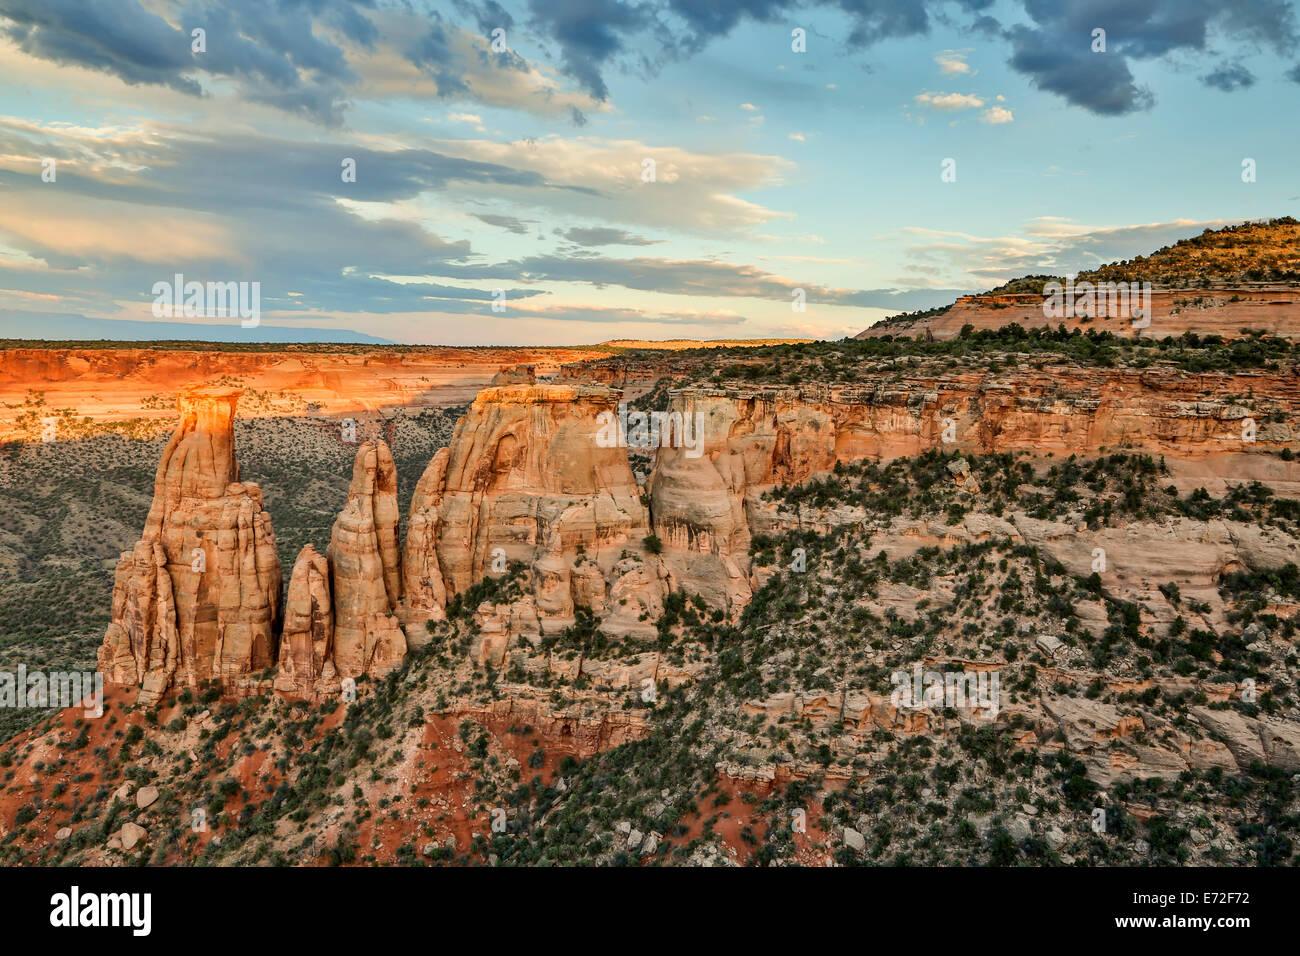 Monumenti di pietra arenaria e formazioni, Colorado National Monument, Grand Junction, Colorado, STATI UNITI D'AMERICA Foto Stock